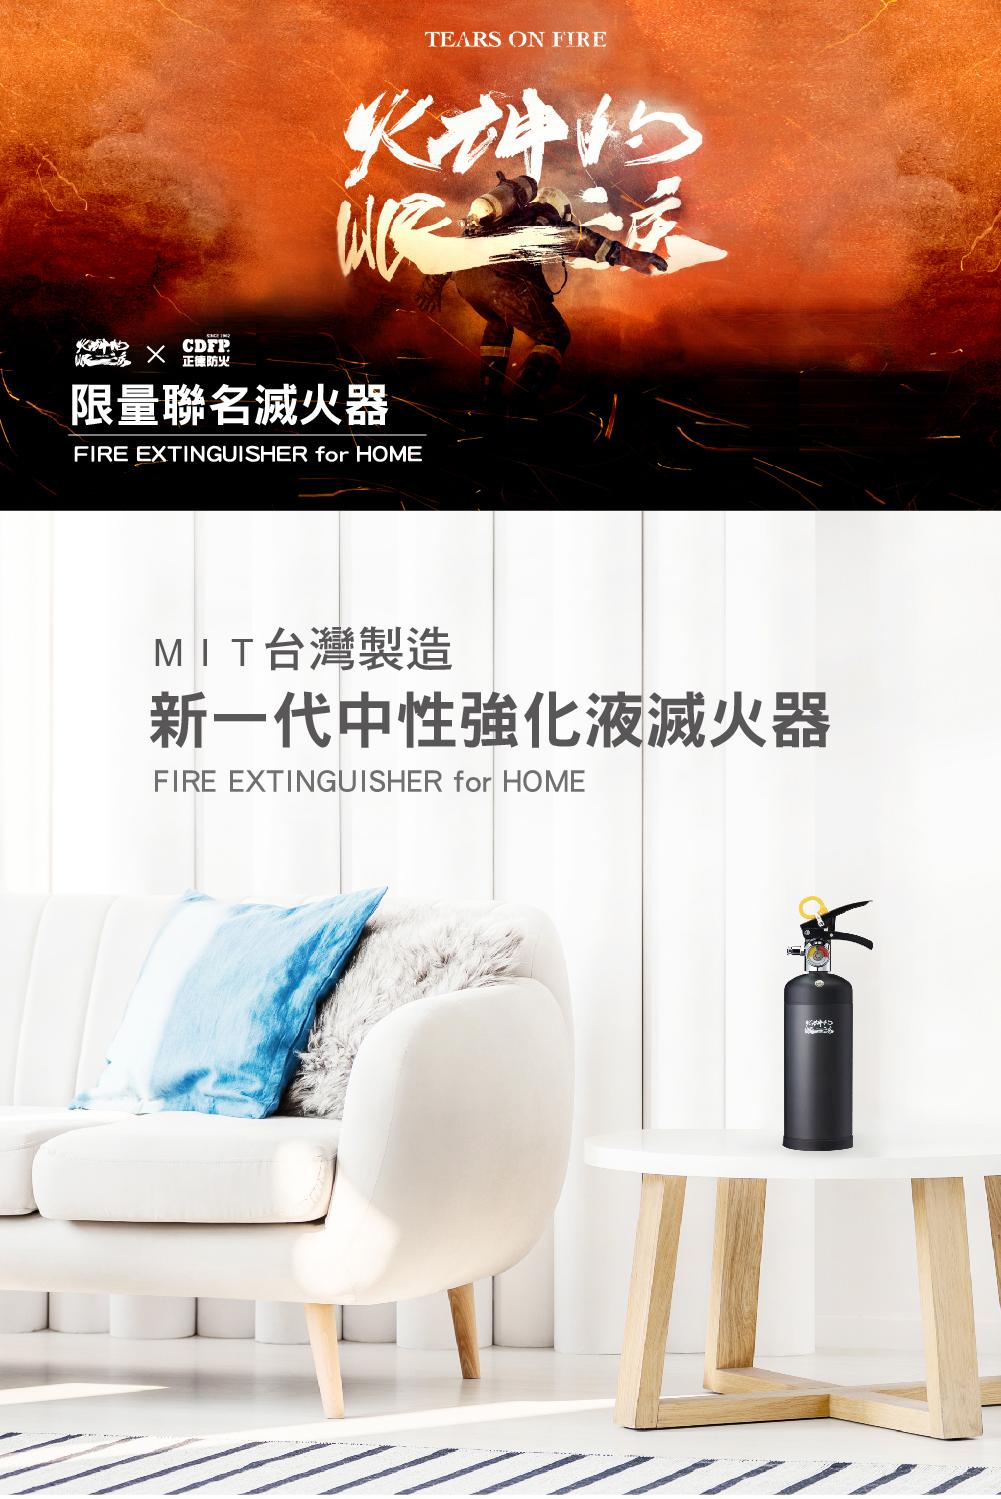 火神的眼淚 滅火器 台灣製造 家用滅火器